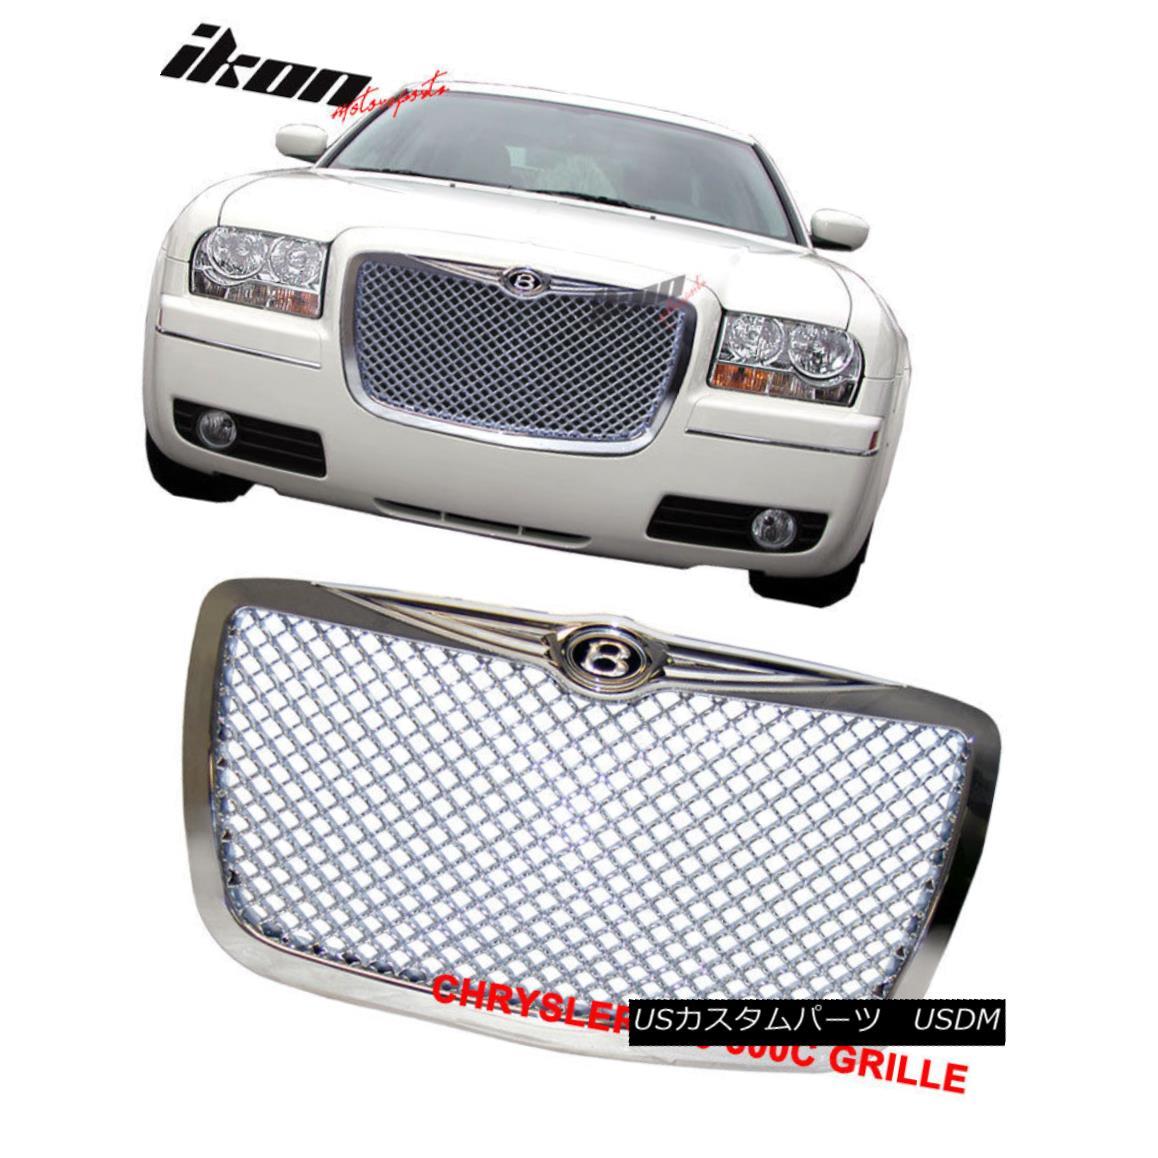 グリル Fits 05-10 Chrysler 300C 300C Chrome Mesh Grille B Style Front Grill フィット05-10クライスラー300C 300CクロムメッシュグリルBスタイルフロントグリル